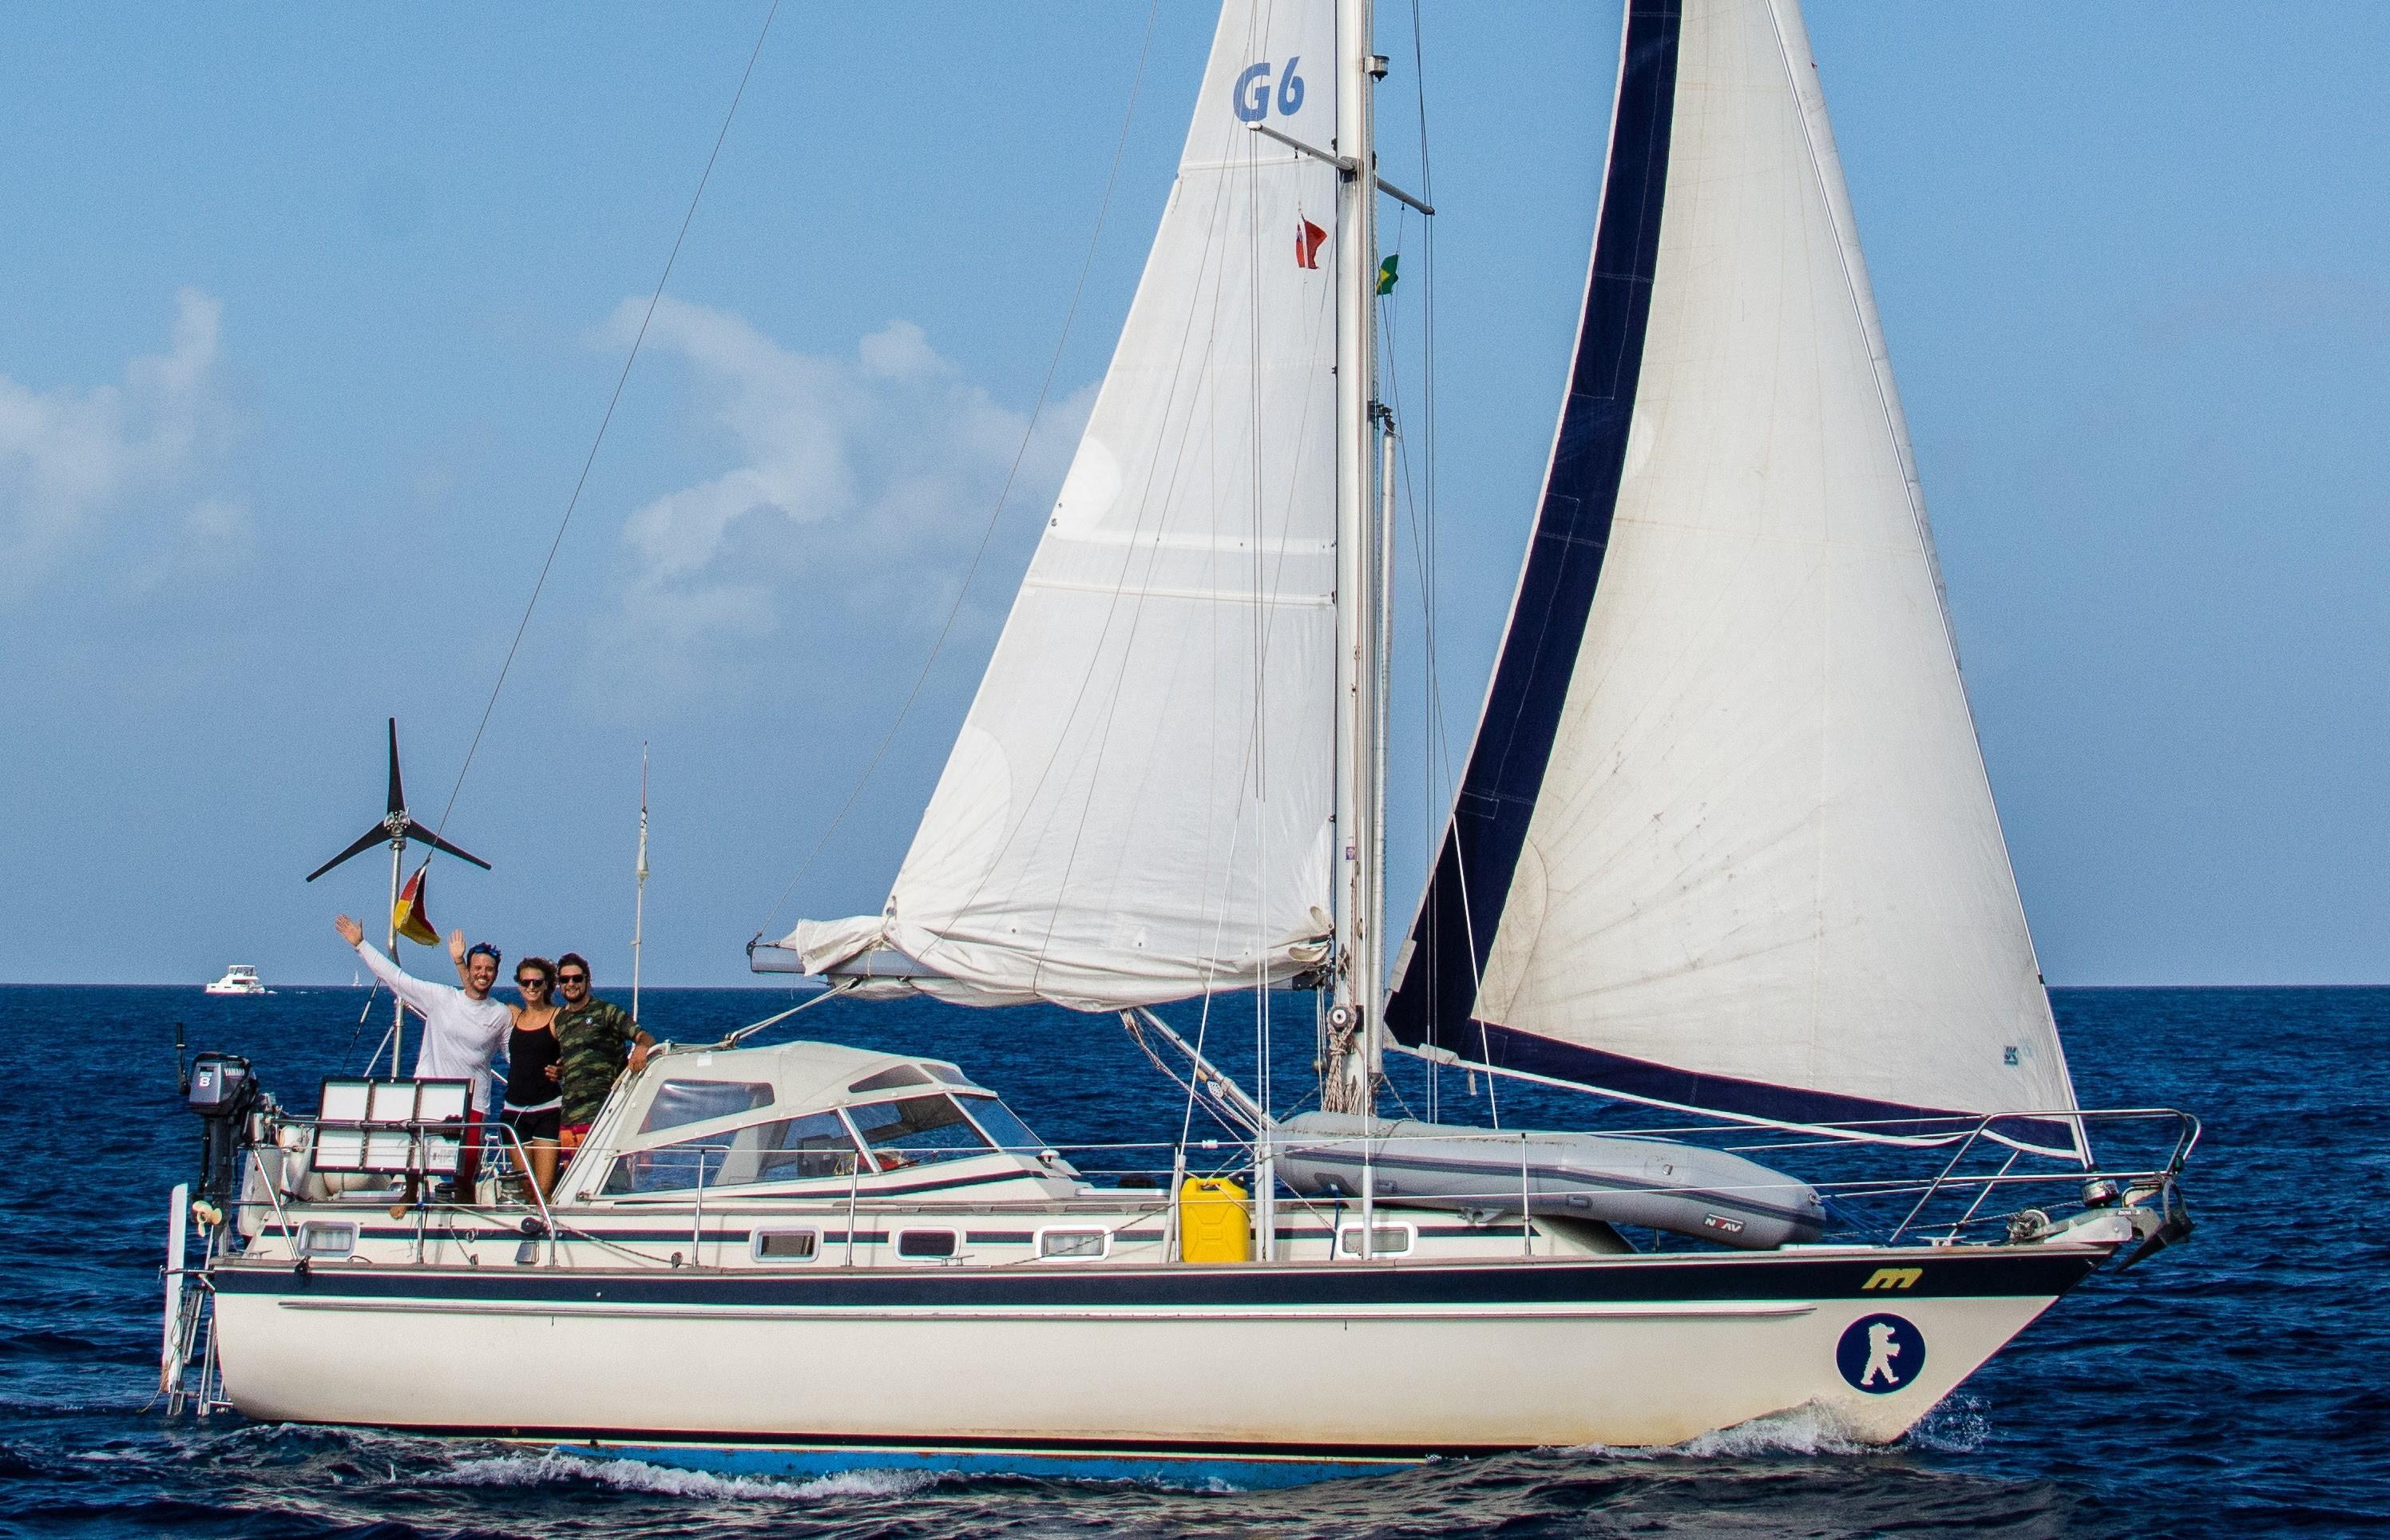 Alaussa under sail